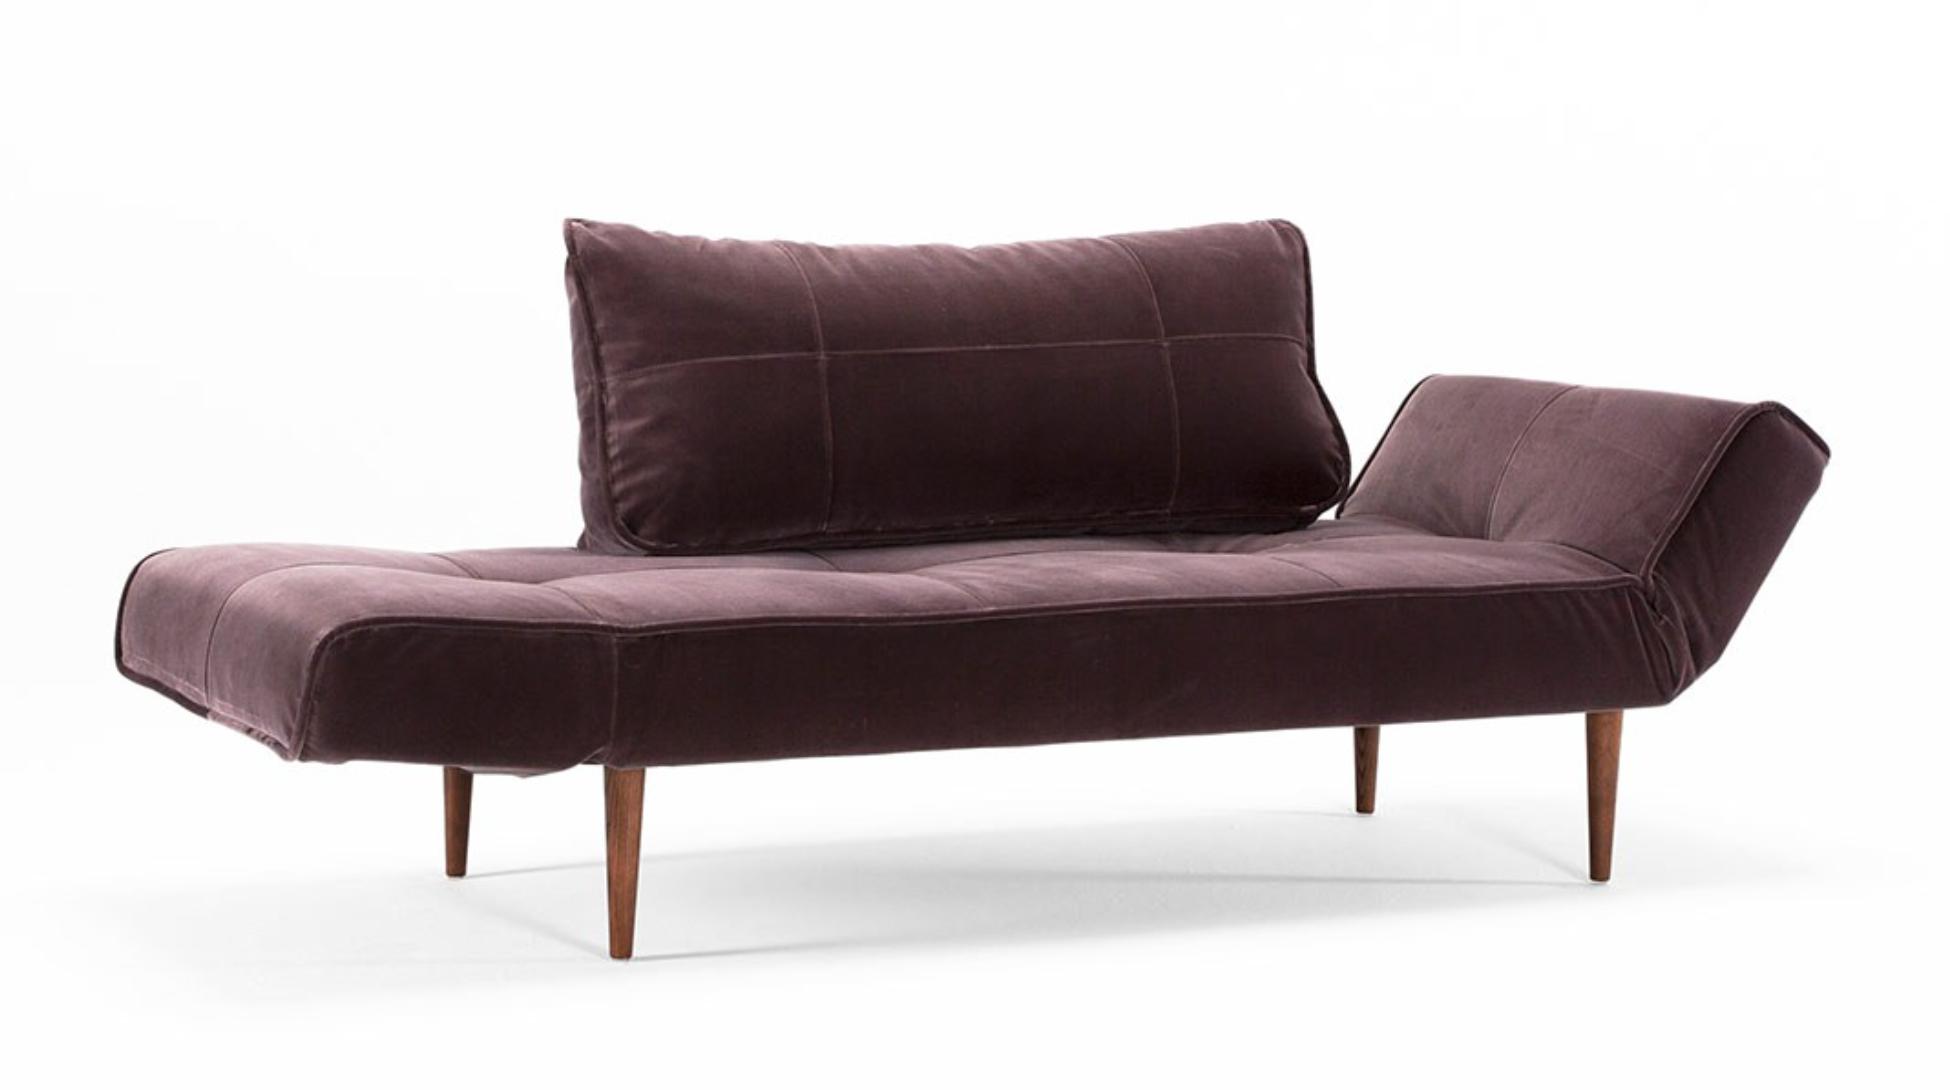 Zeal Deluxe Modern Sofa Bed NOVA Interiors